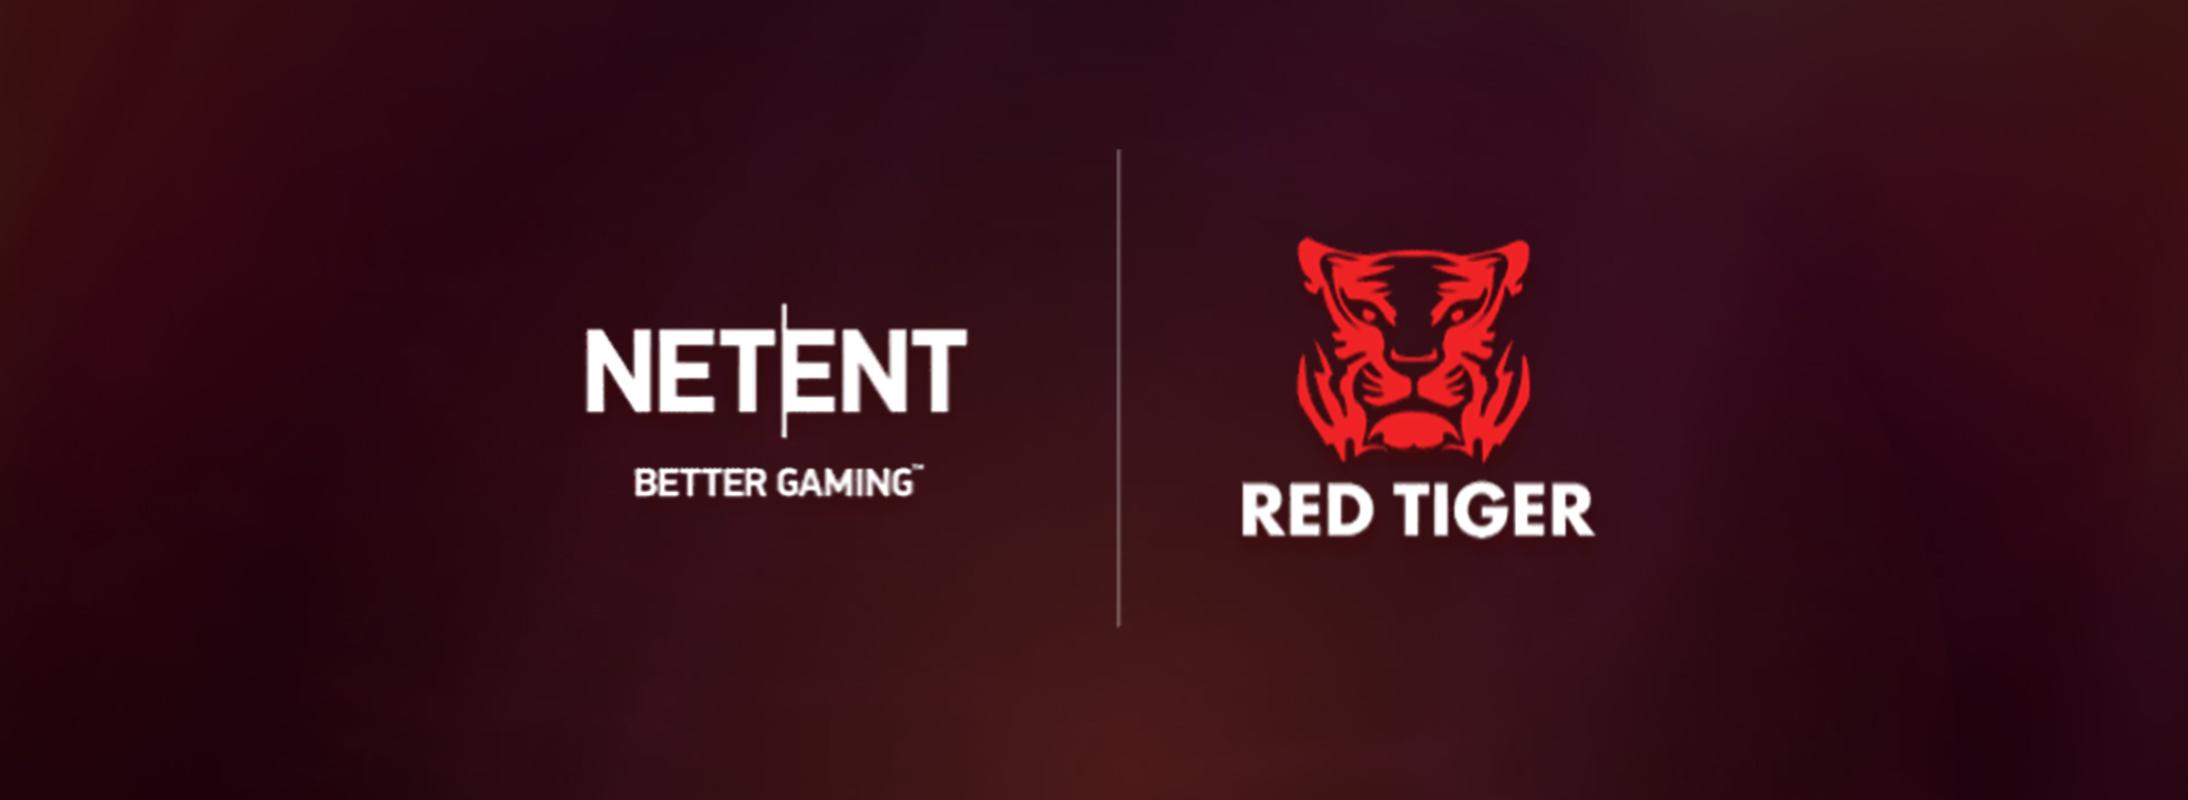 NetEnt köper upp Red Tiger Gaming - Sweden CasinoTop Banner